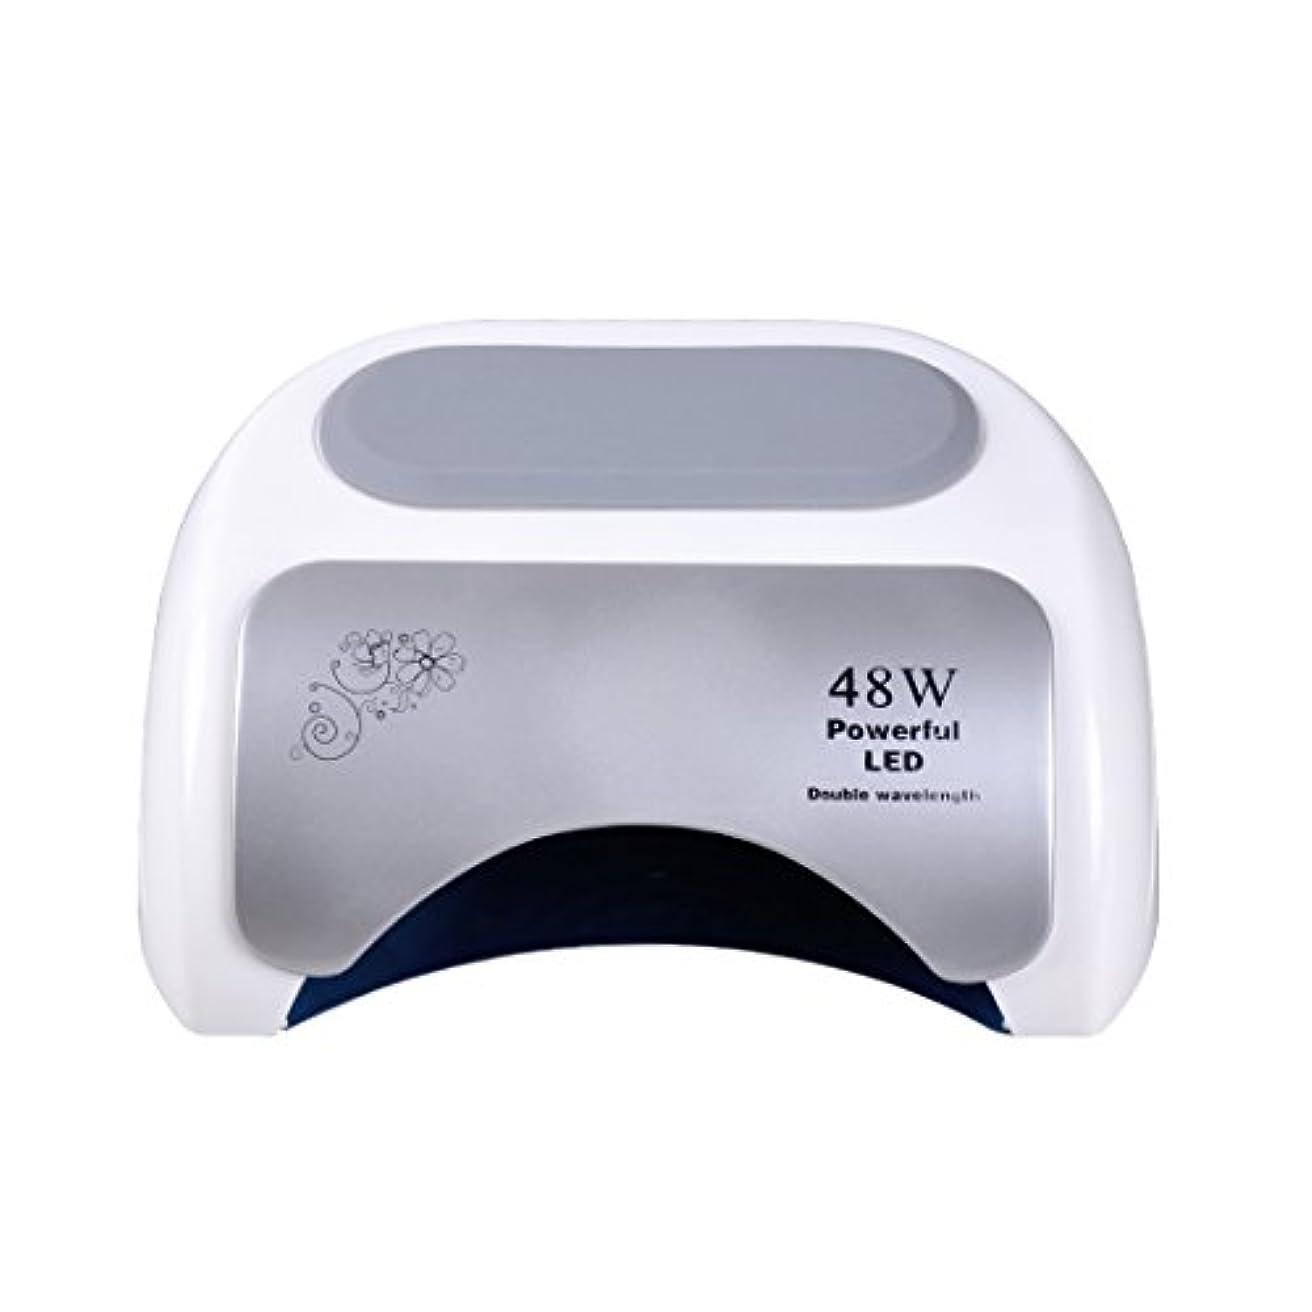 近似お願いします住居Nananail 48Wネイルドライヤー CCFL+ LEDネイルランプ 時間設定10s/30s/60s 速乾性 自動センサー付き